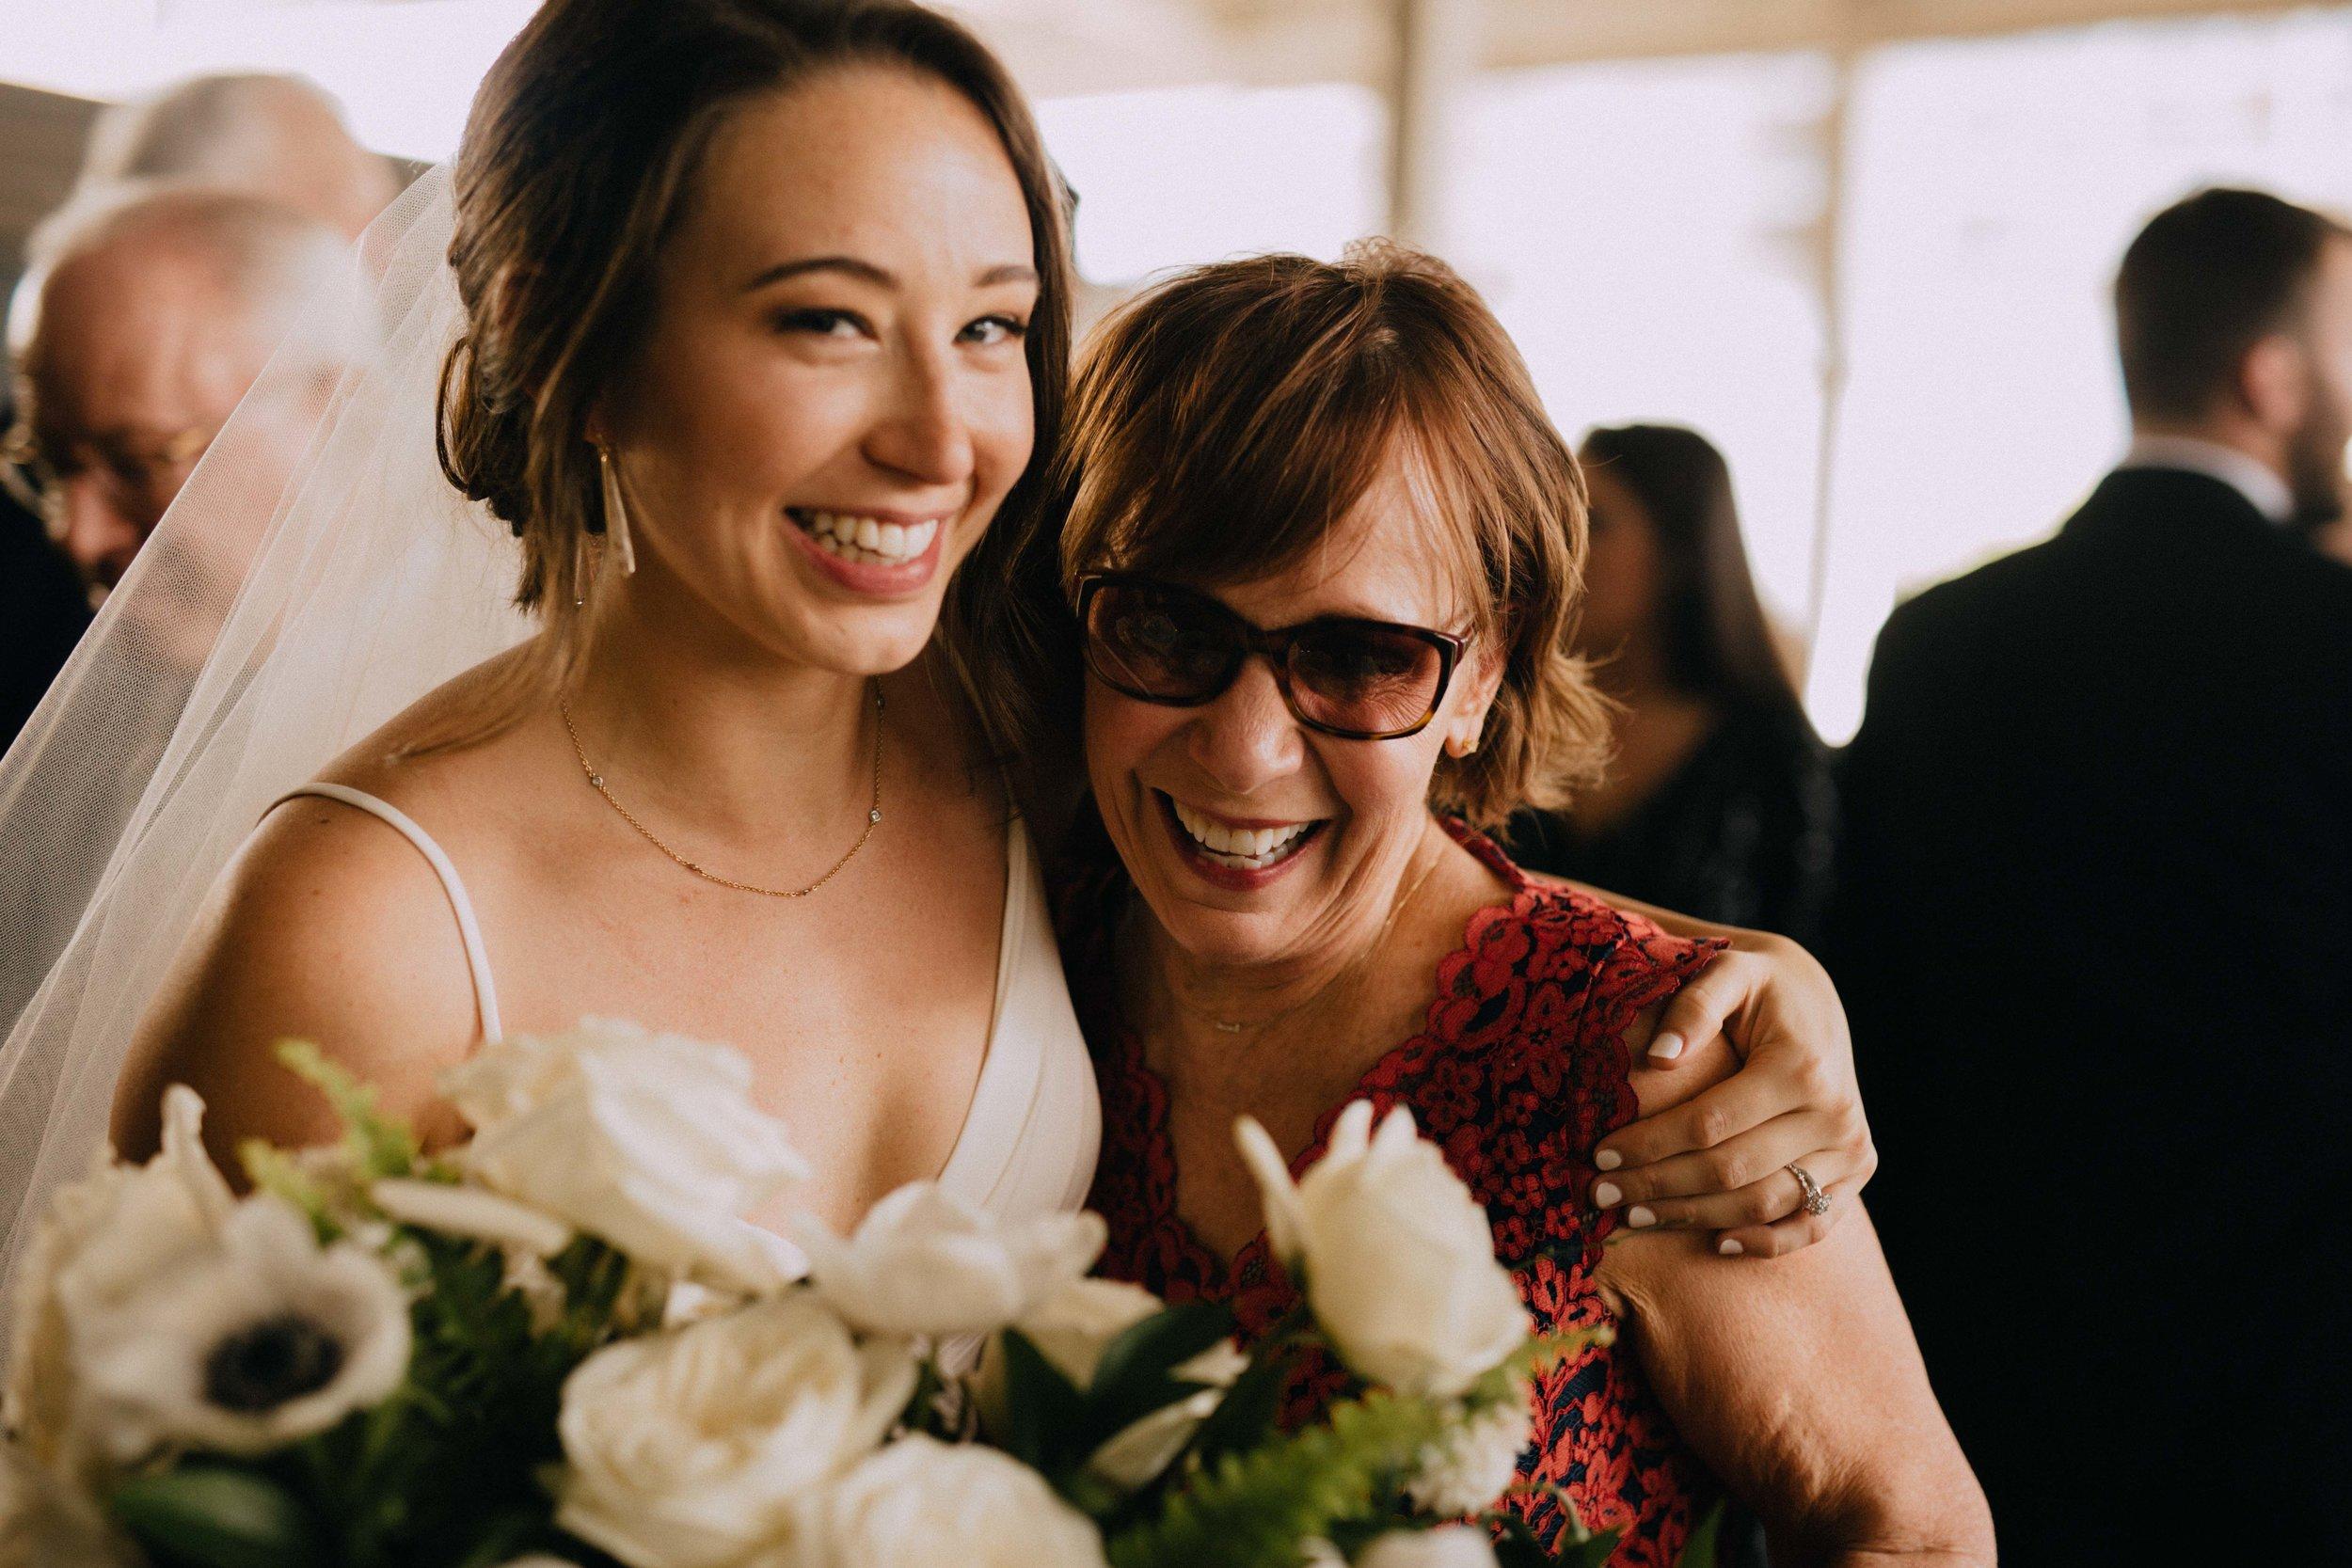 kacey sam wedding 3272.jpg